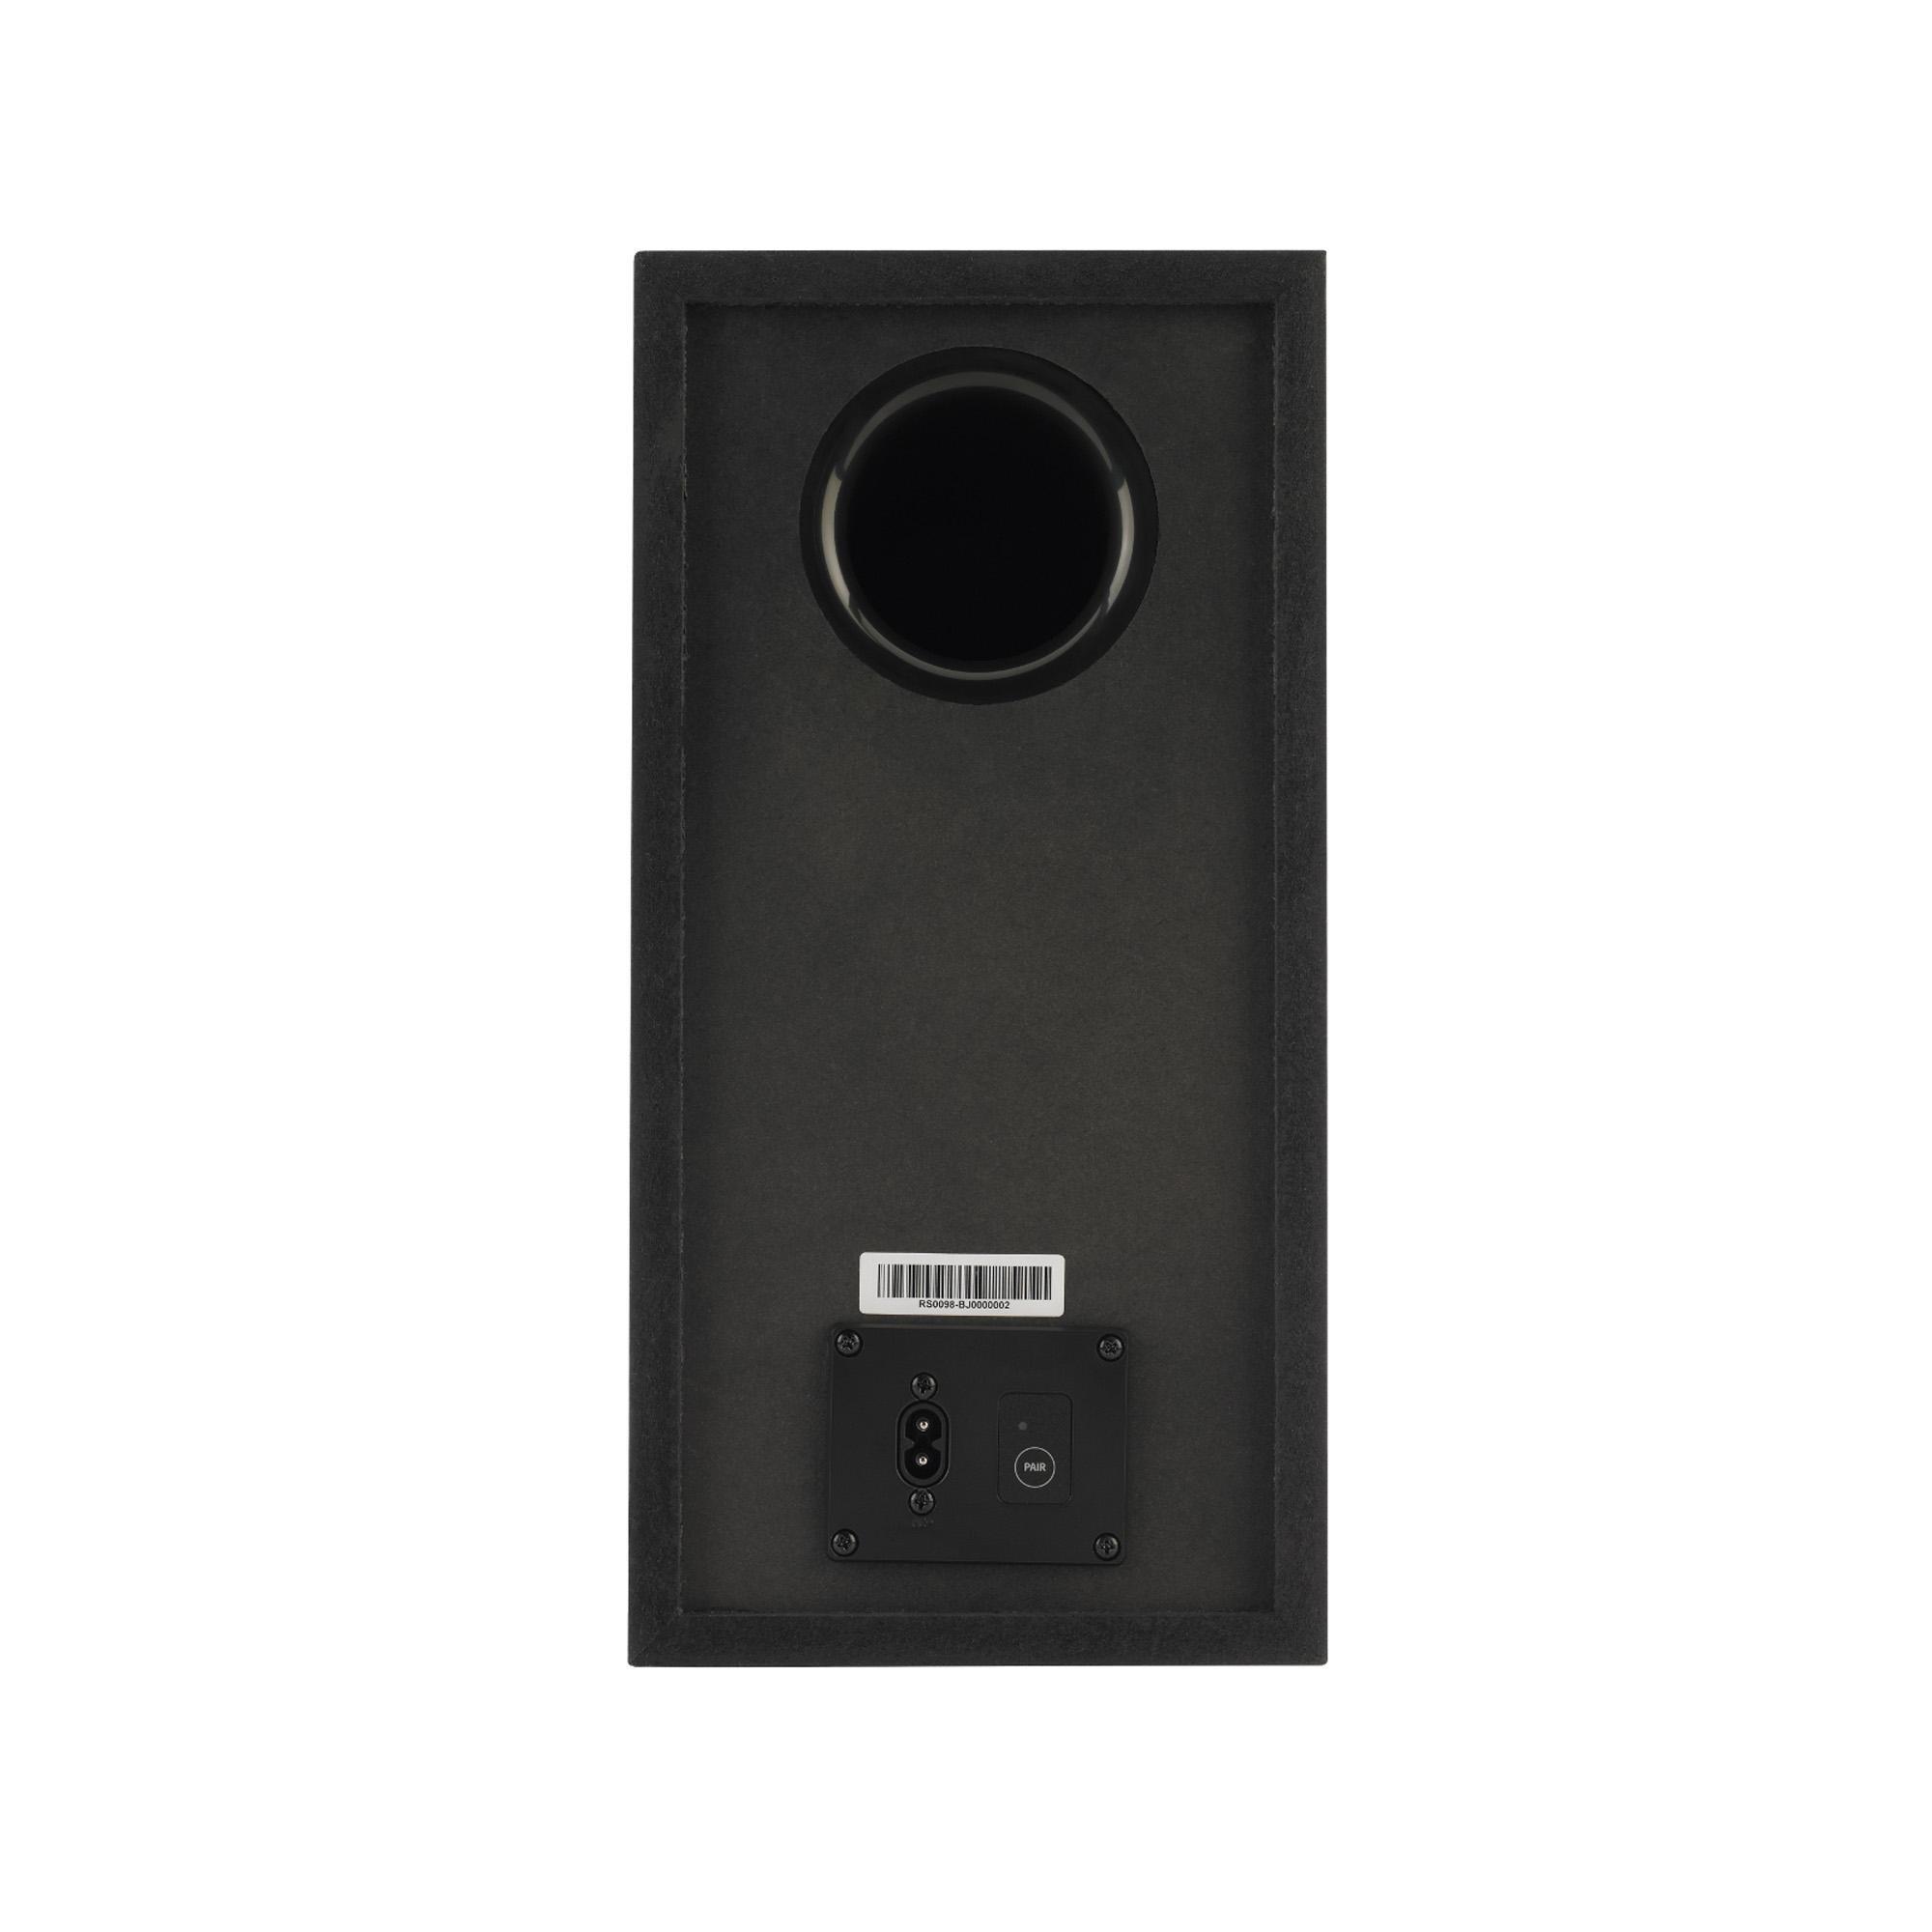 Soundbar com Subwoofer 2.1 Bluetooth 220W Cinema SB160 Preta